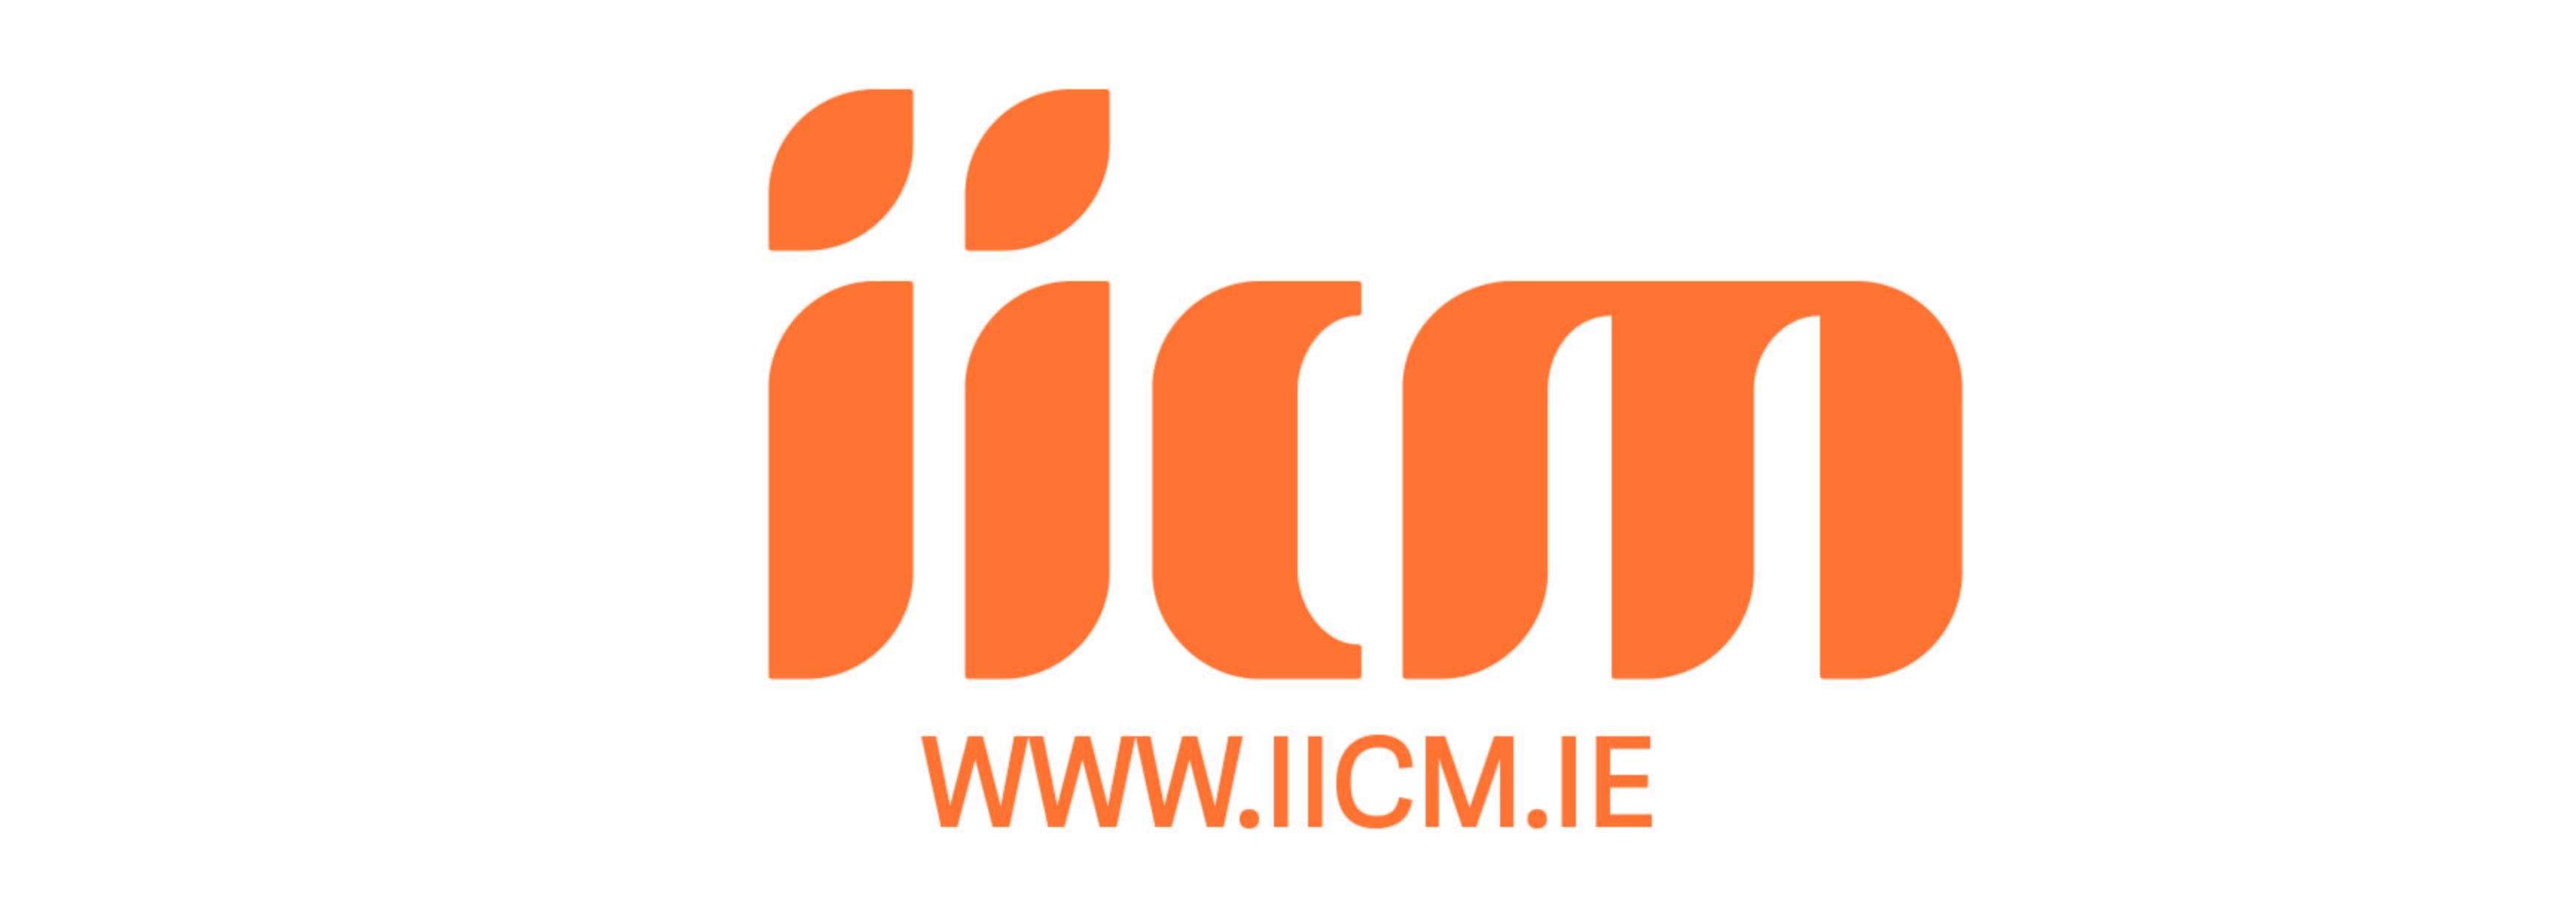 IICM 2015jpg